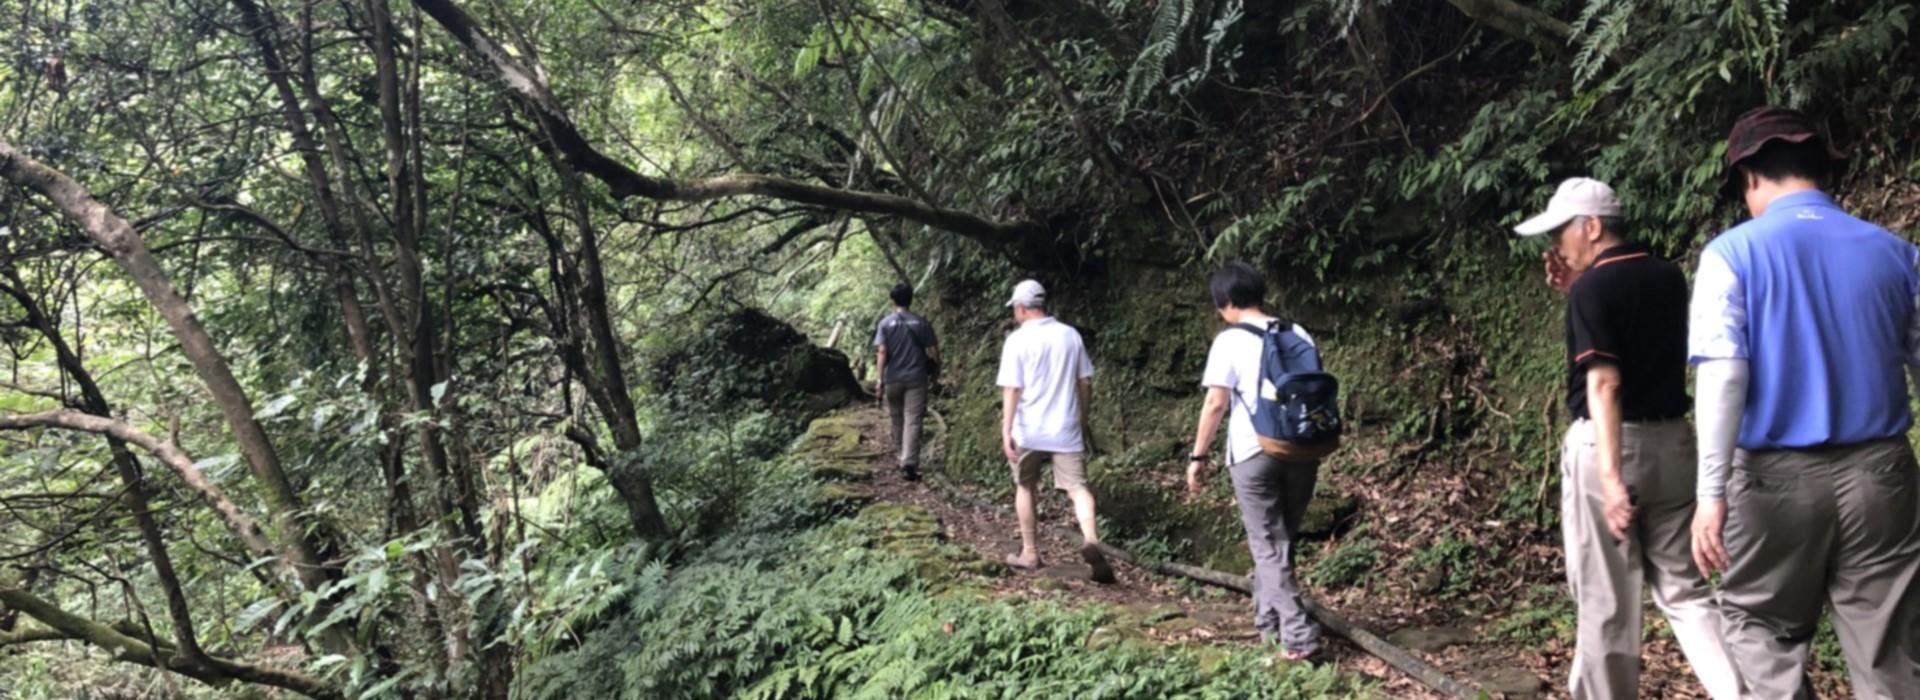 漫步淡蘭古道 賀陳旦讚:具文化、生態及地景多元是健康休閒的新選擇